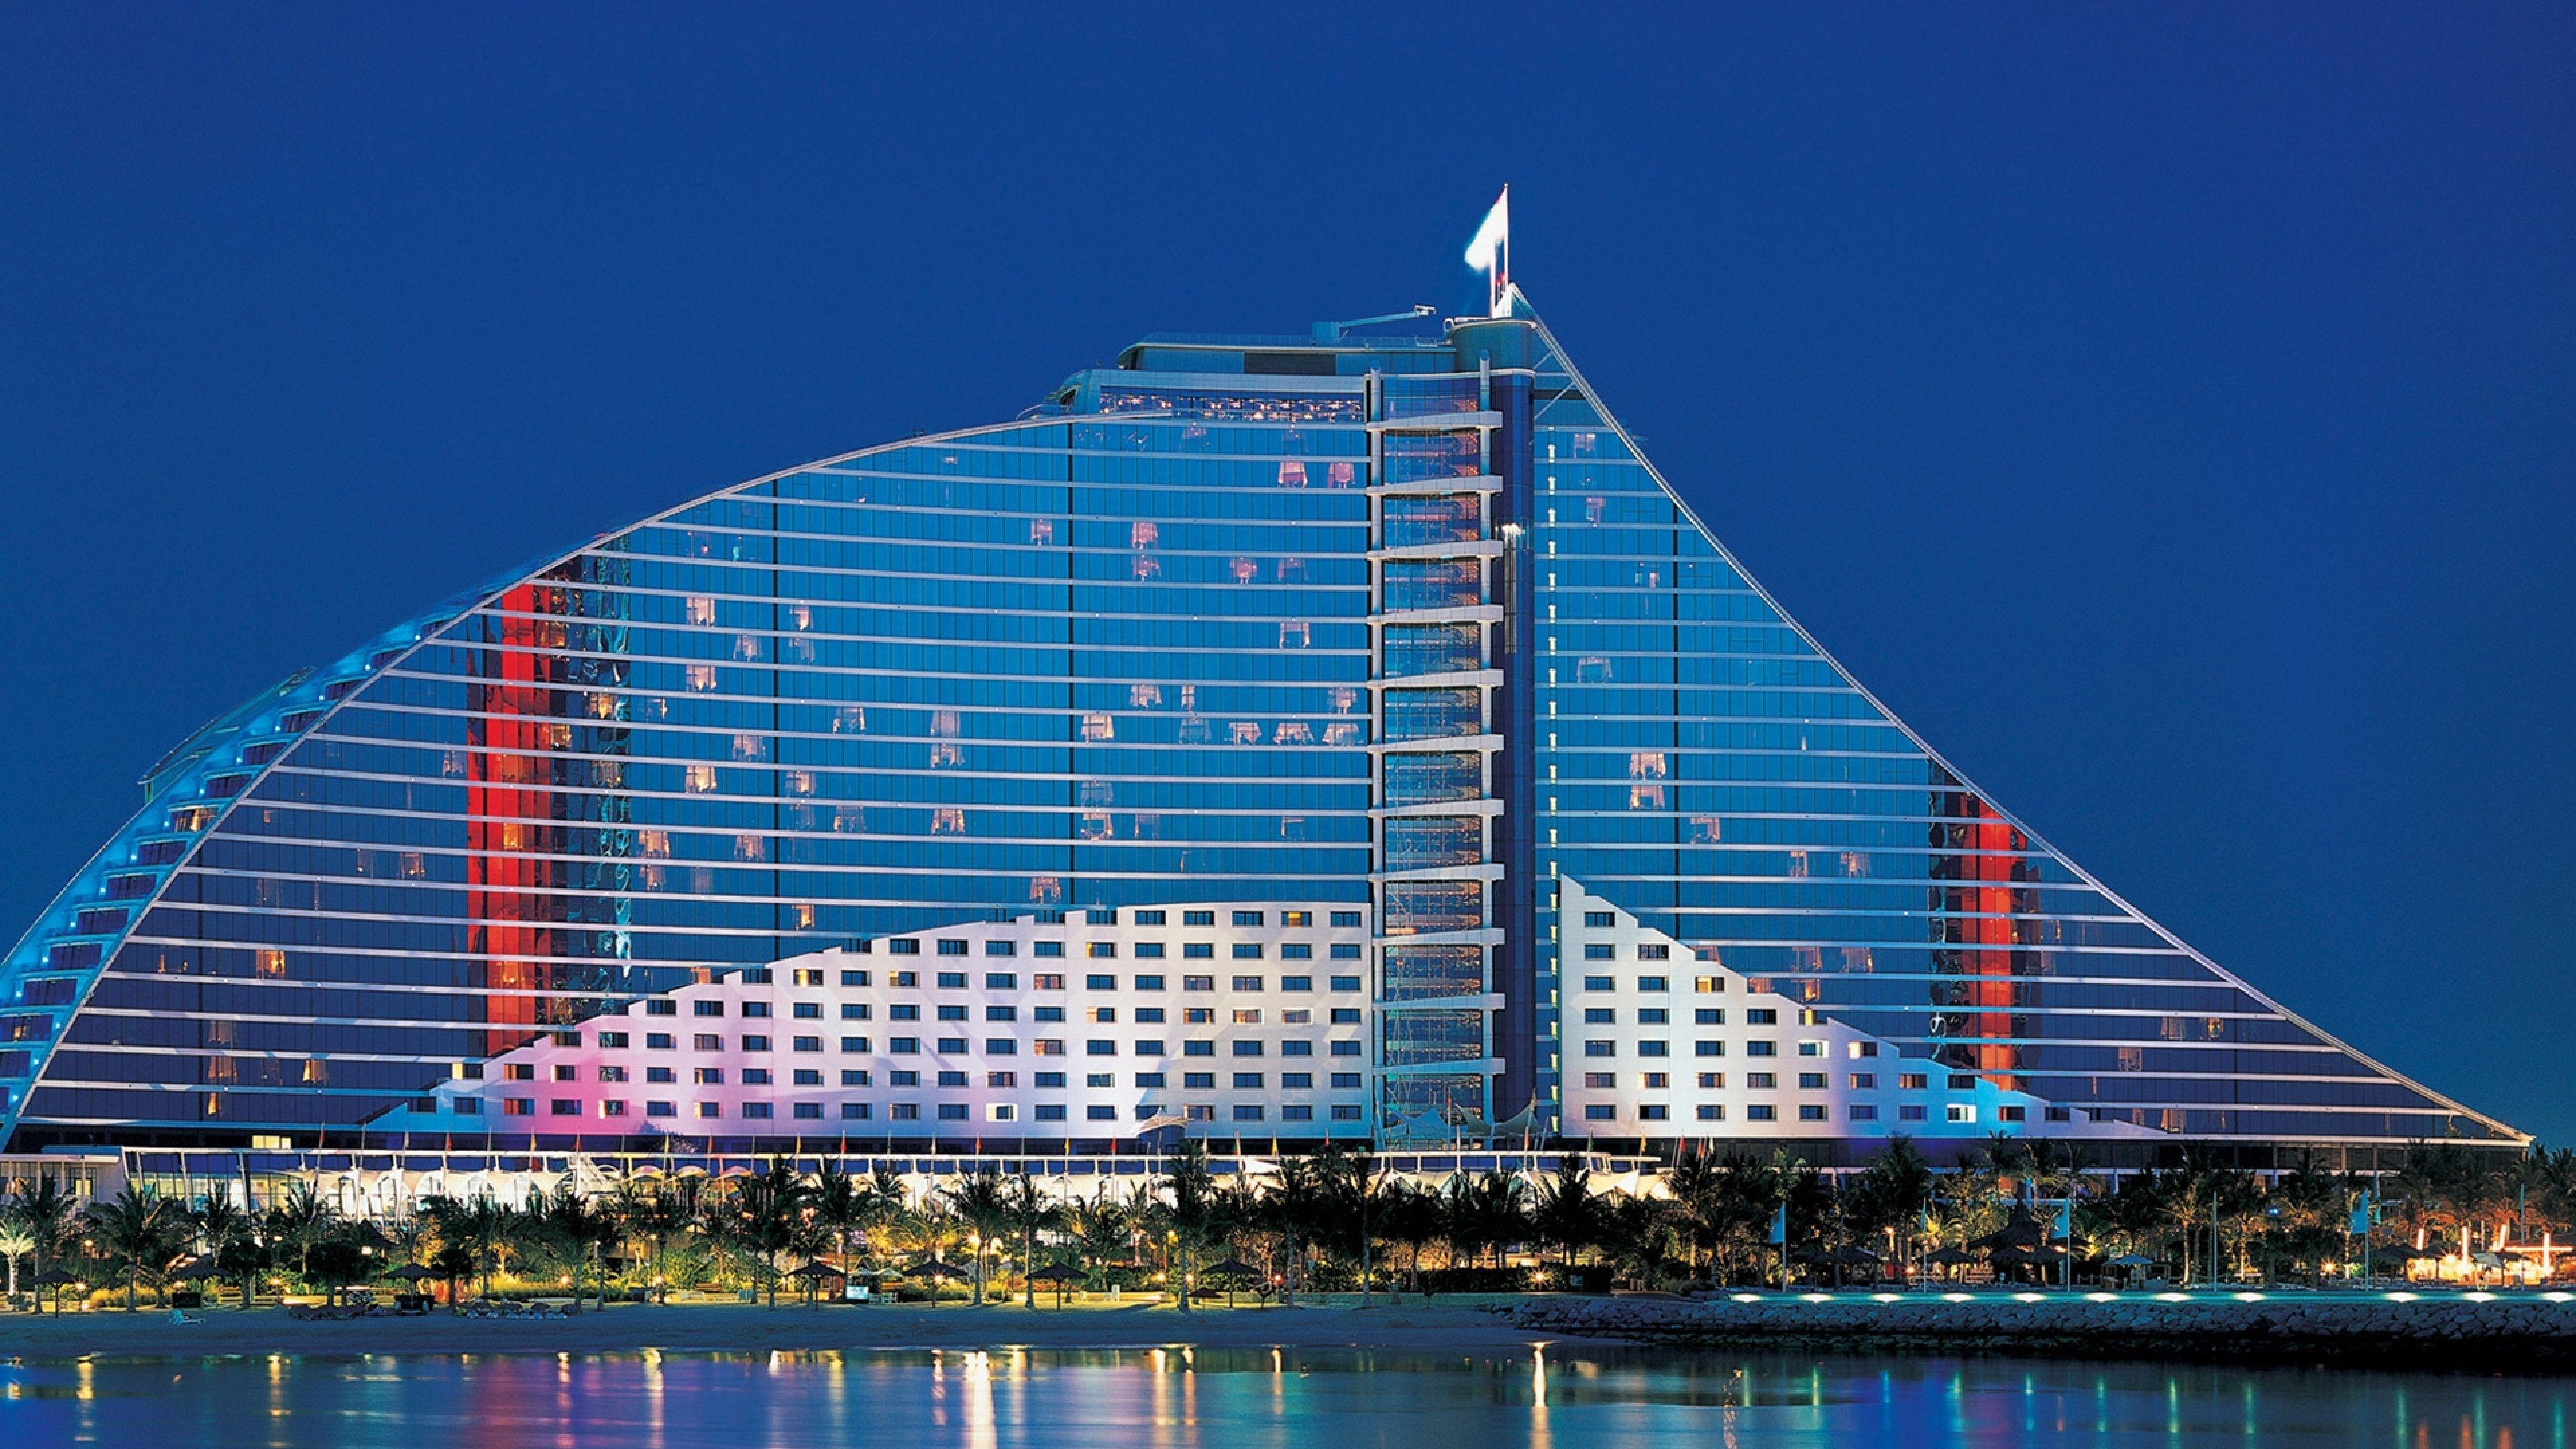 4K Dubai Jumeirah Beach Hotel